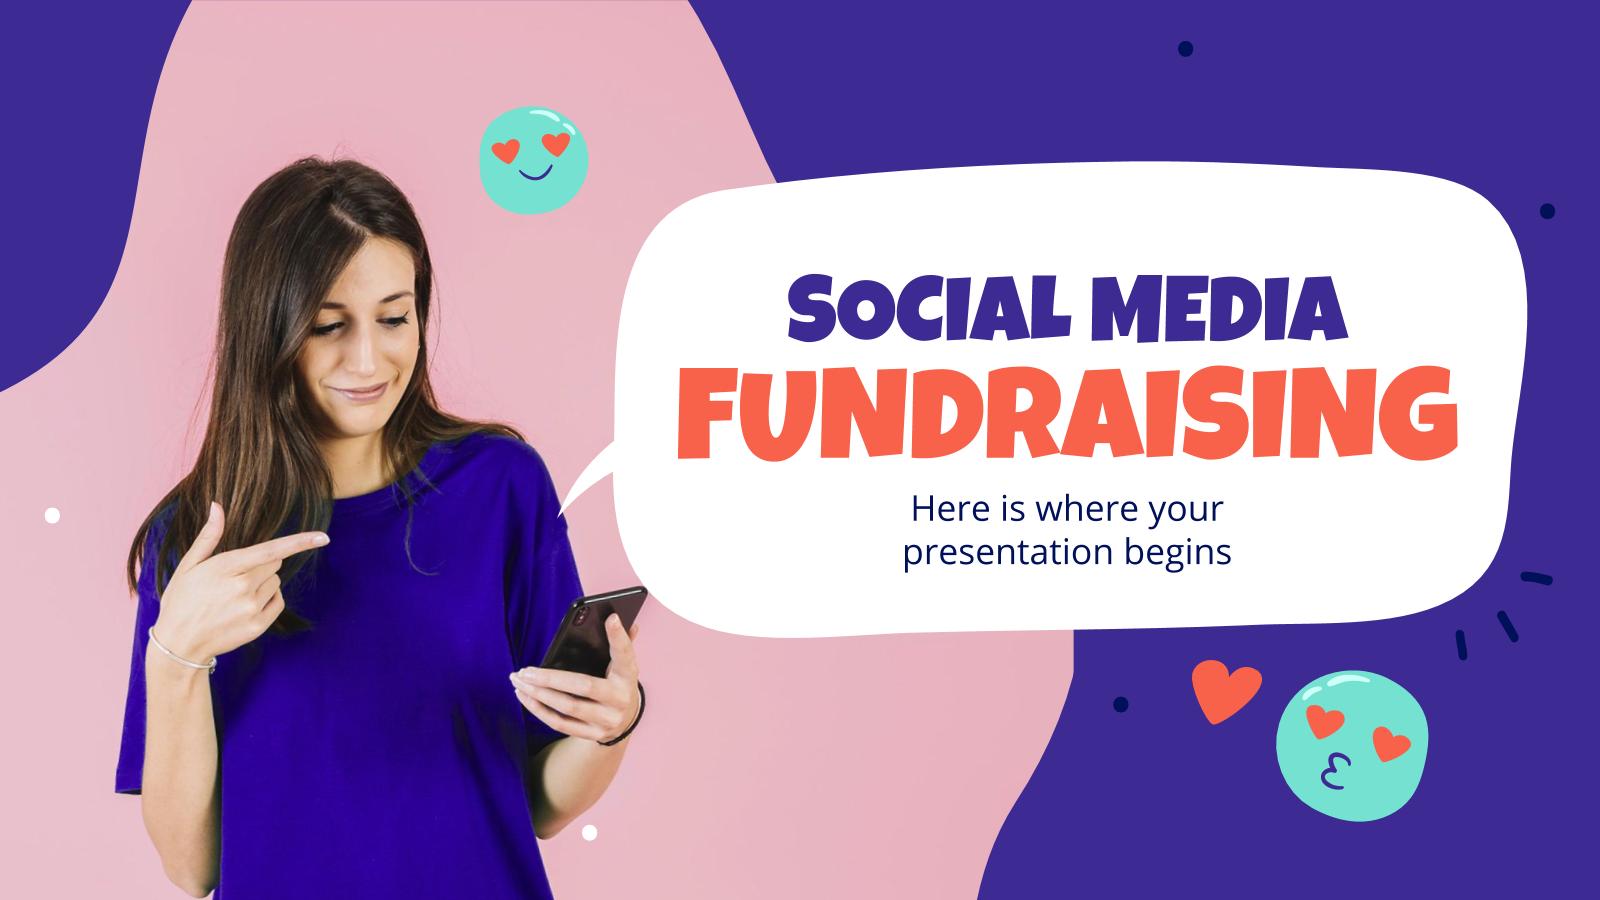 Plantilla de presentación Campaña colecta de fondos en redes